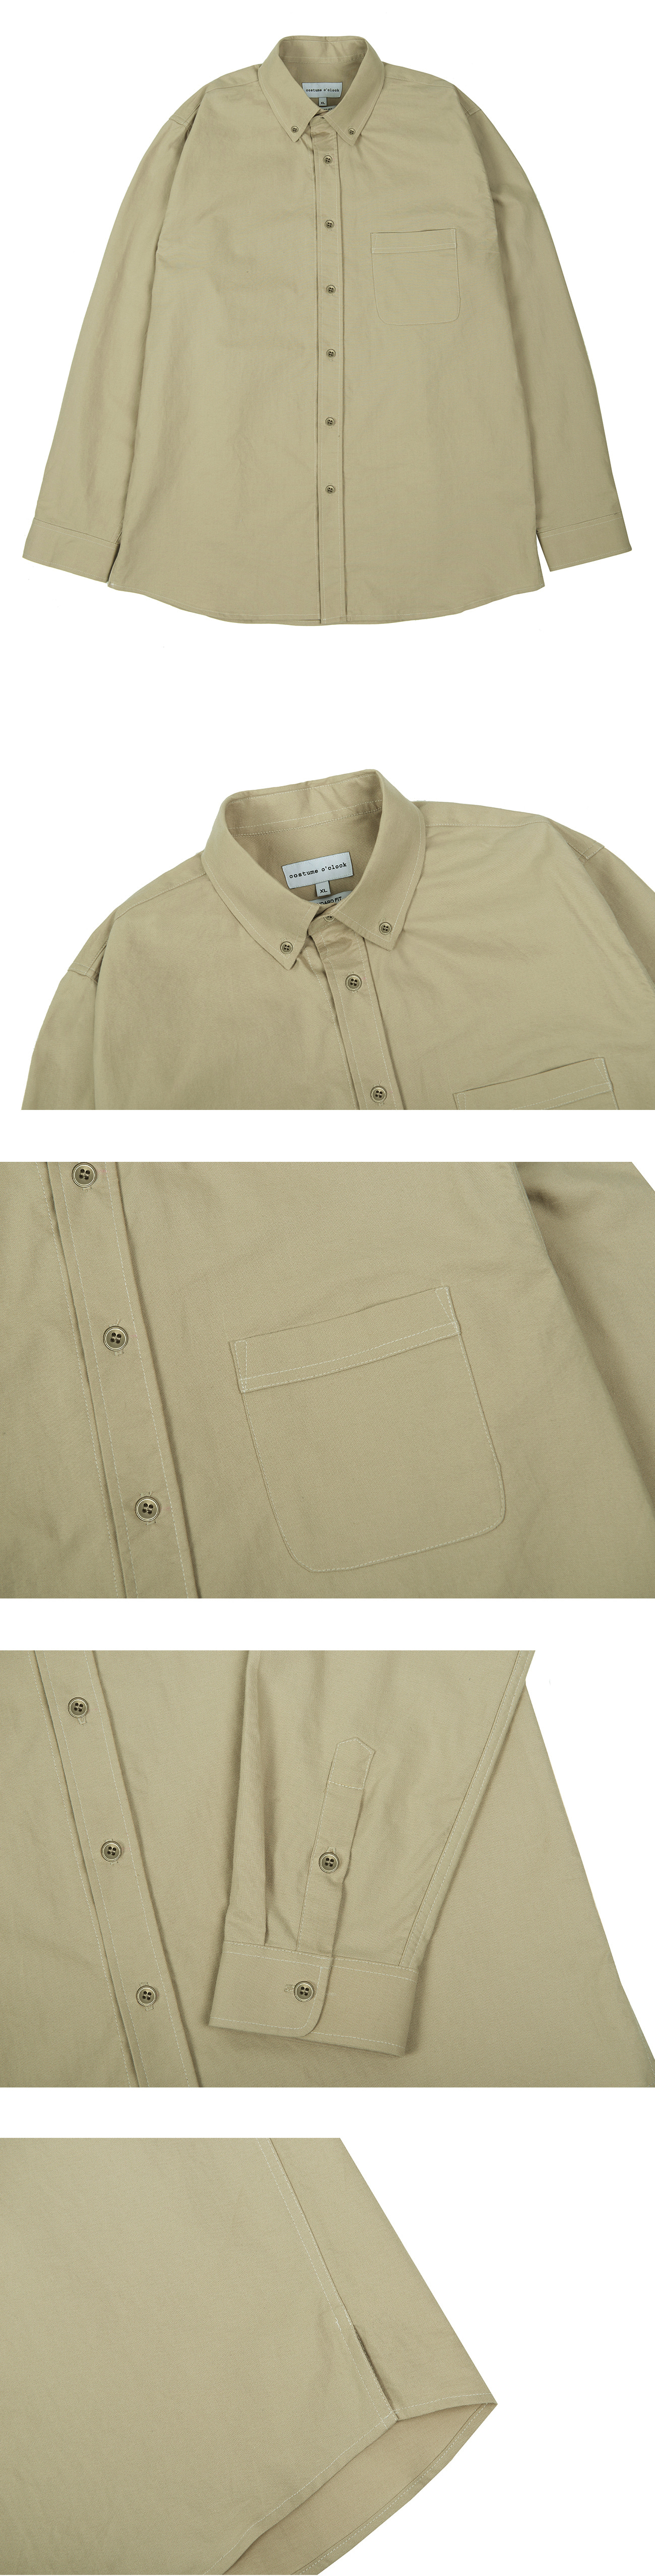 커스텀어클락(COSTUME O'CLOCK) 옥스포드 베이직 셔츠 베이지